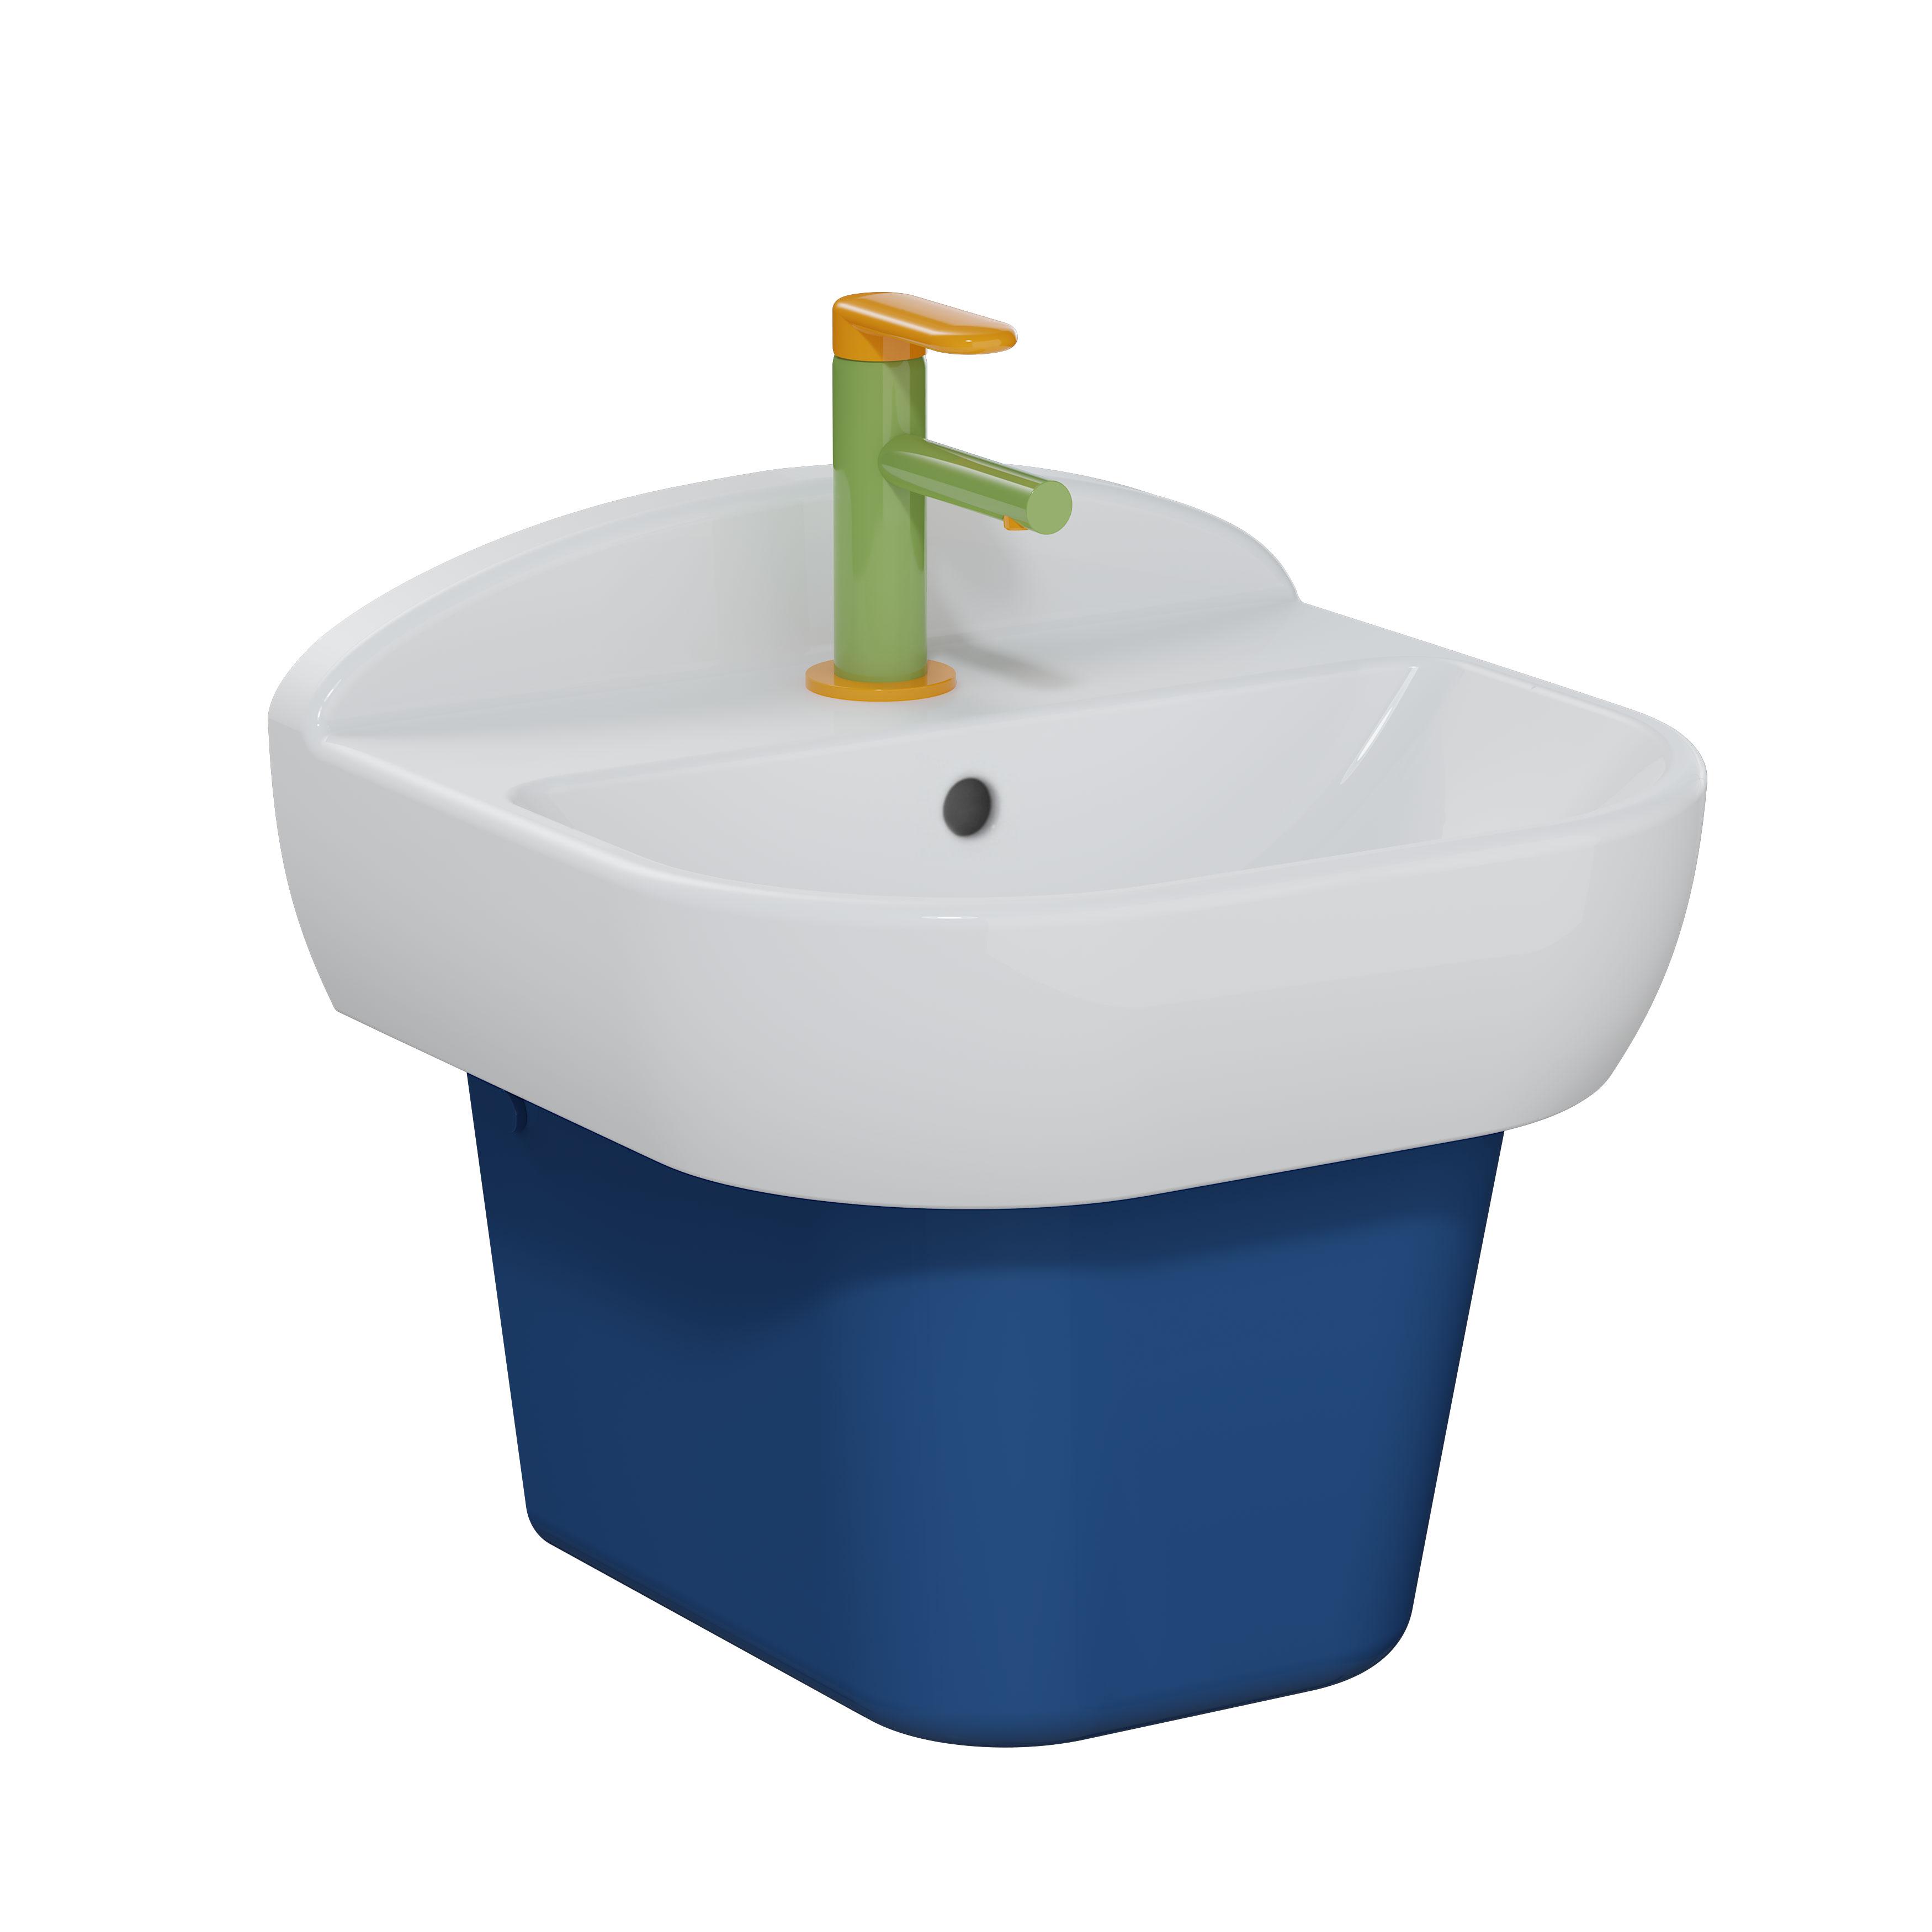 Sento Kids lavabo, 45 cm, avec trop-plein, blanc